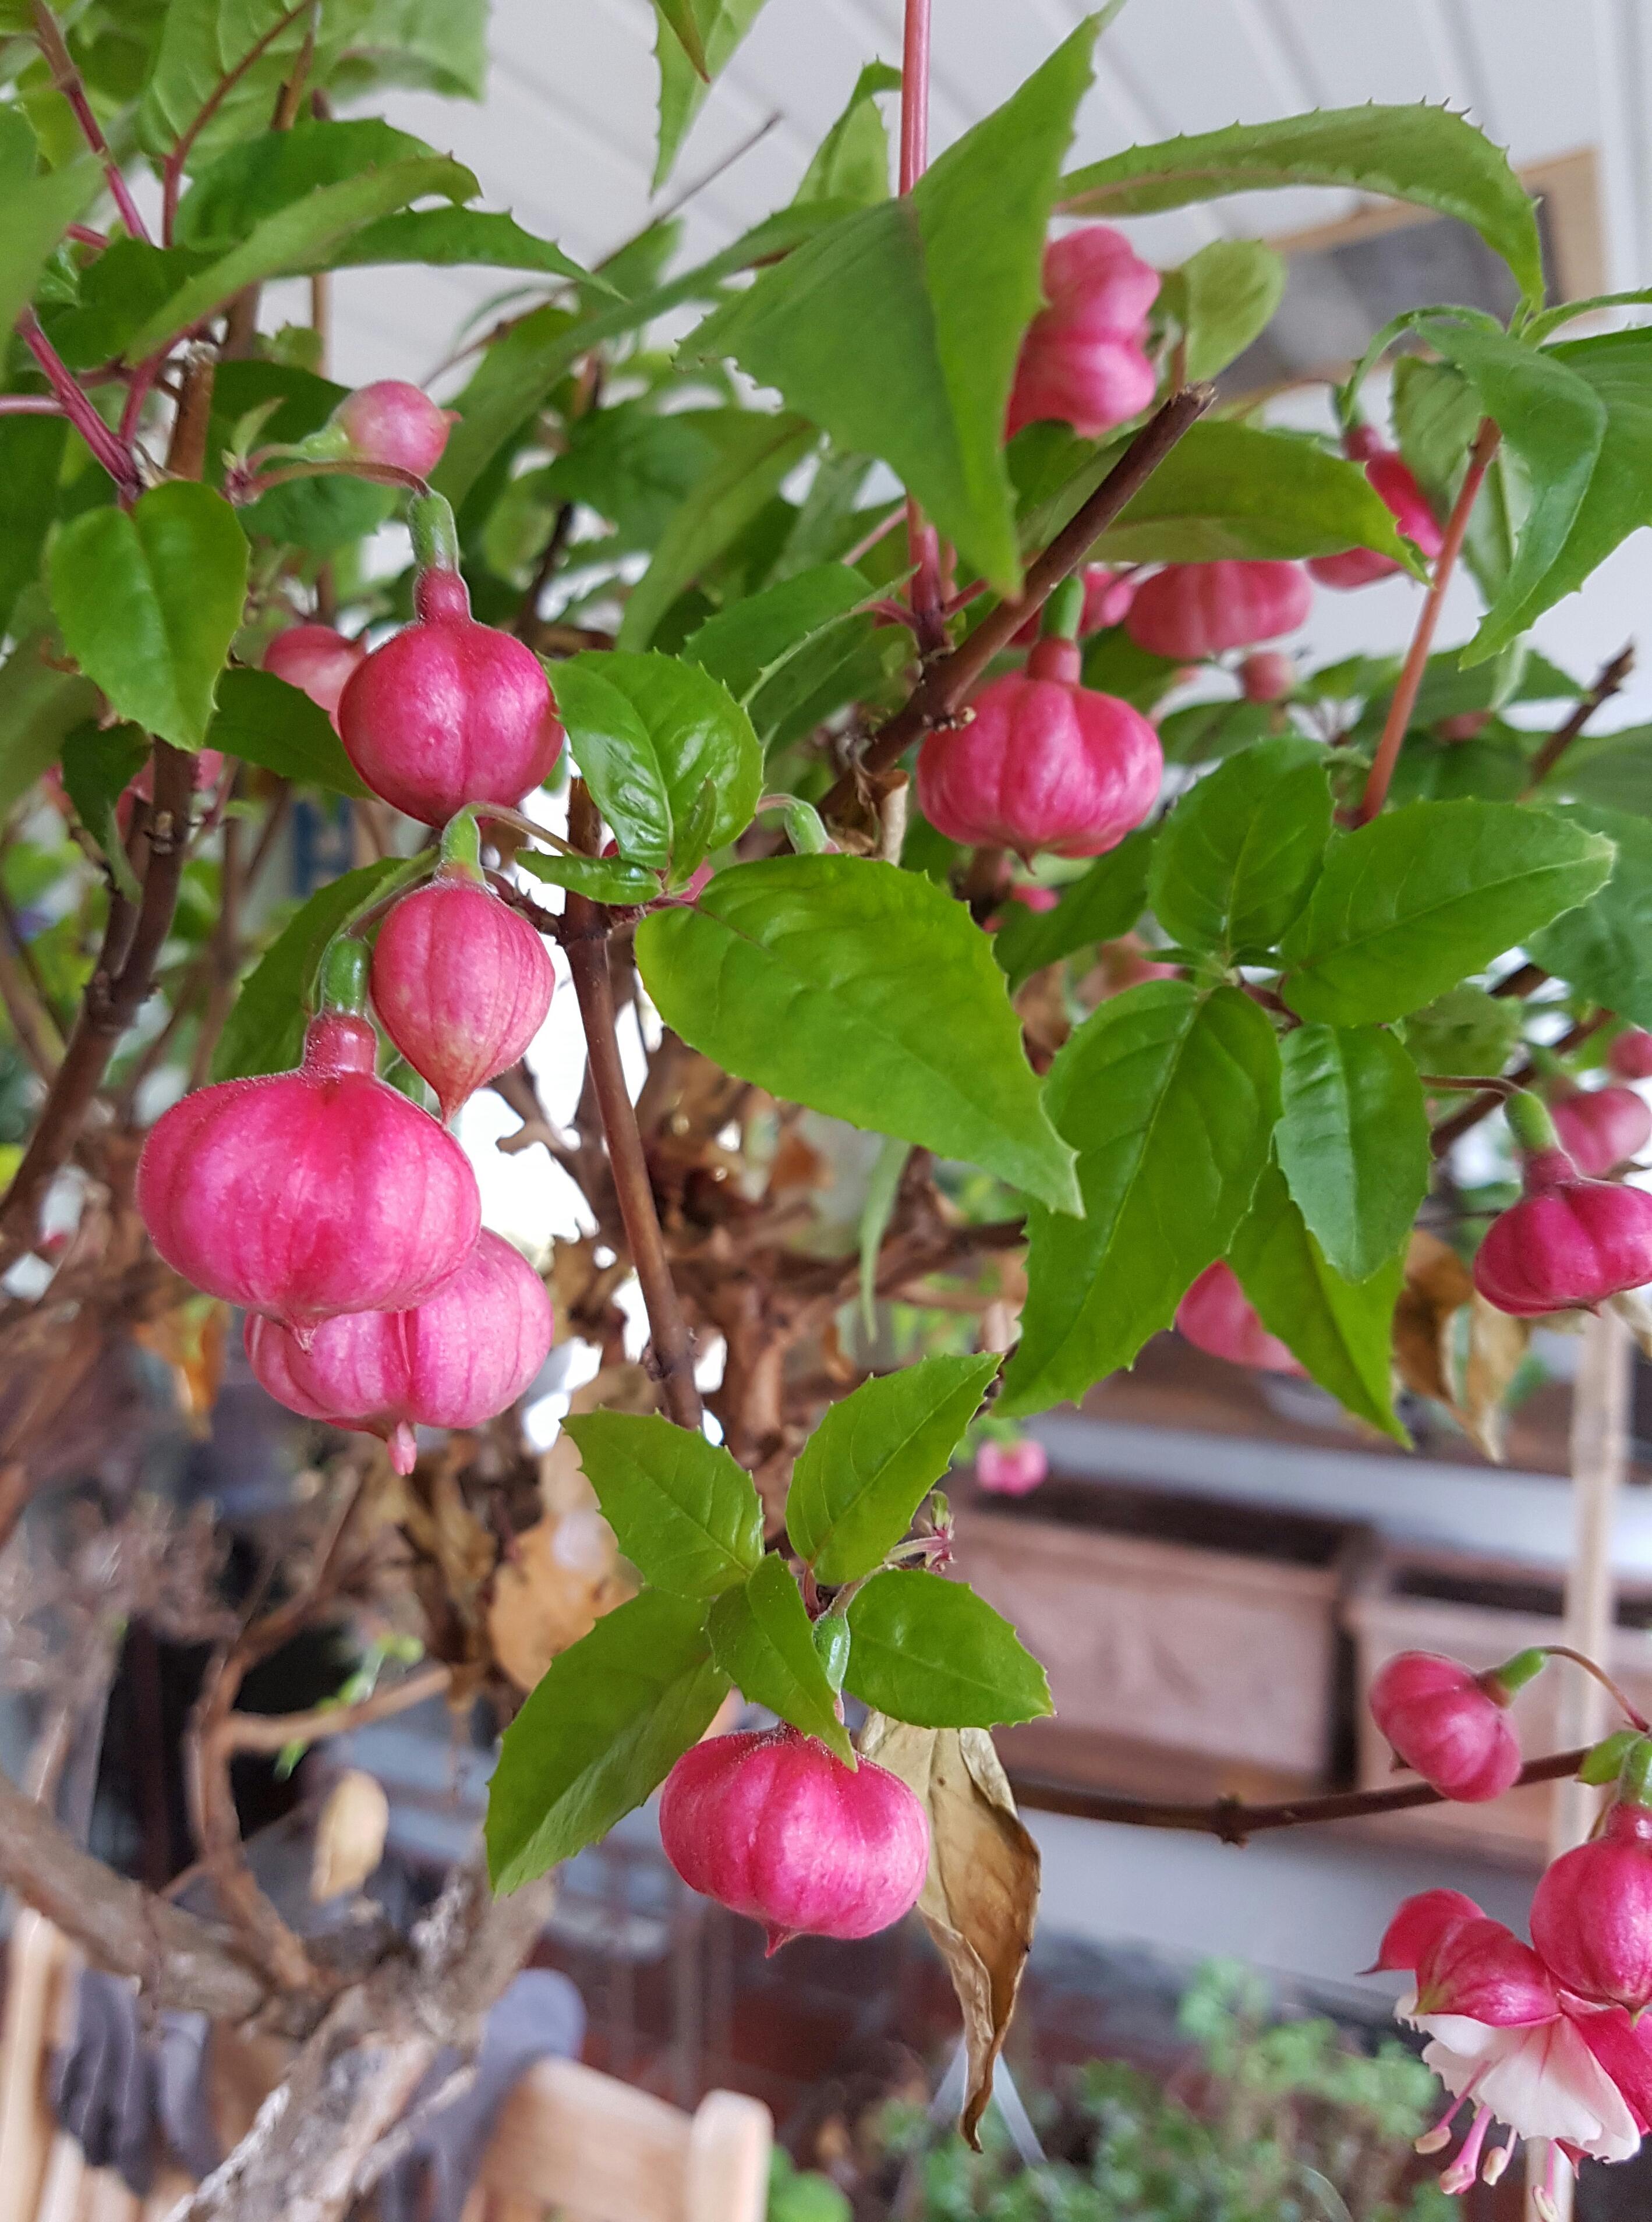 Siste fra vinterhagen: Tid for å beskjære Pelargonia og Fuchsia